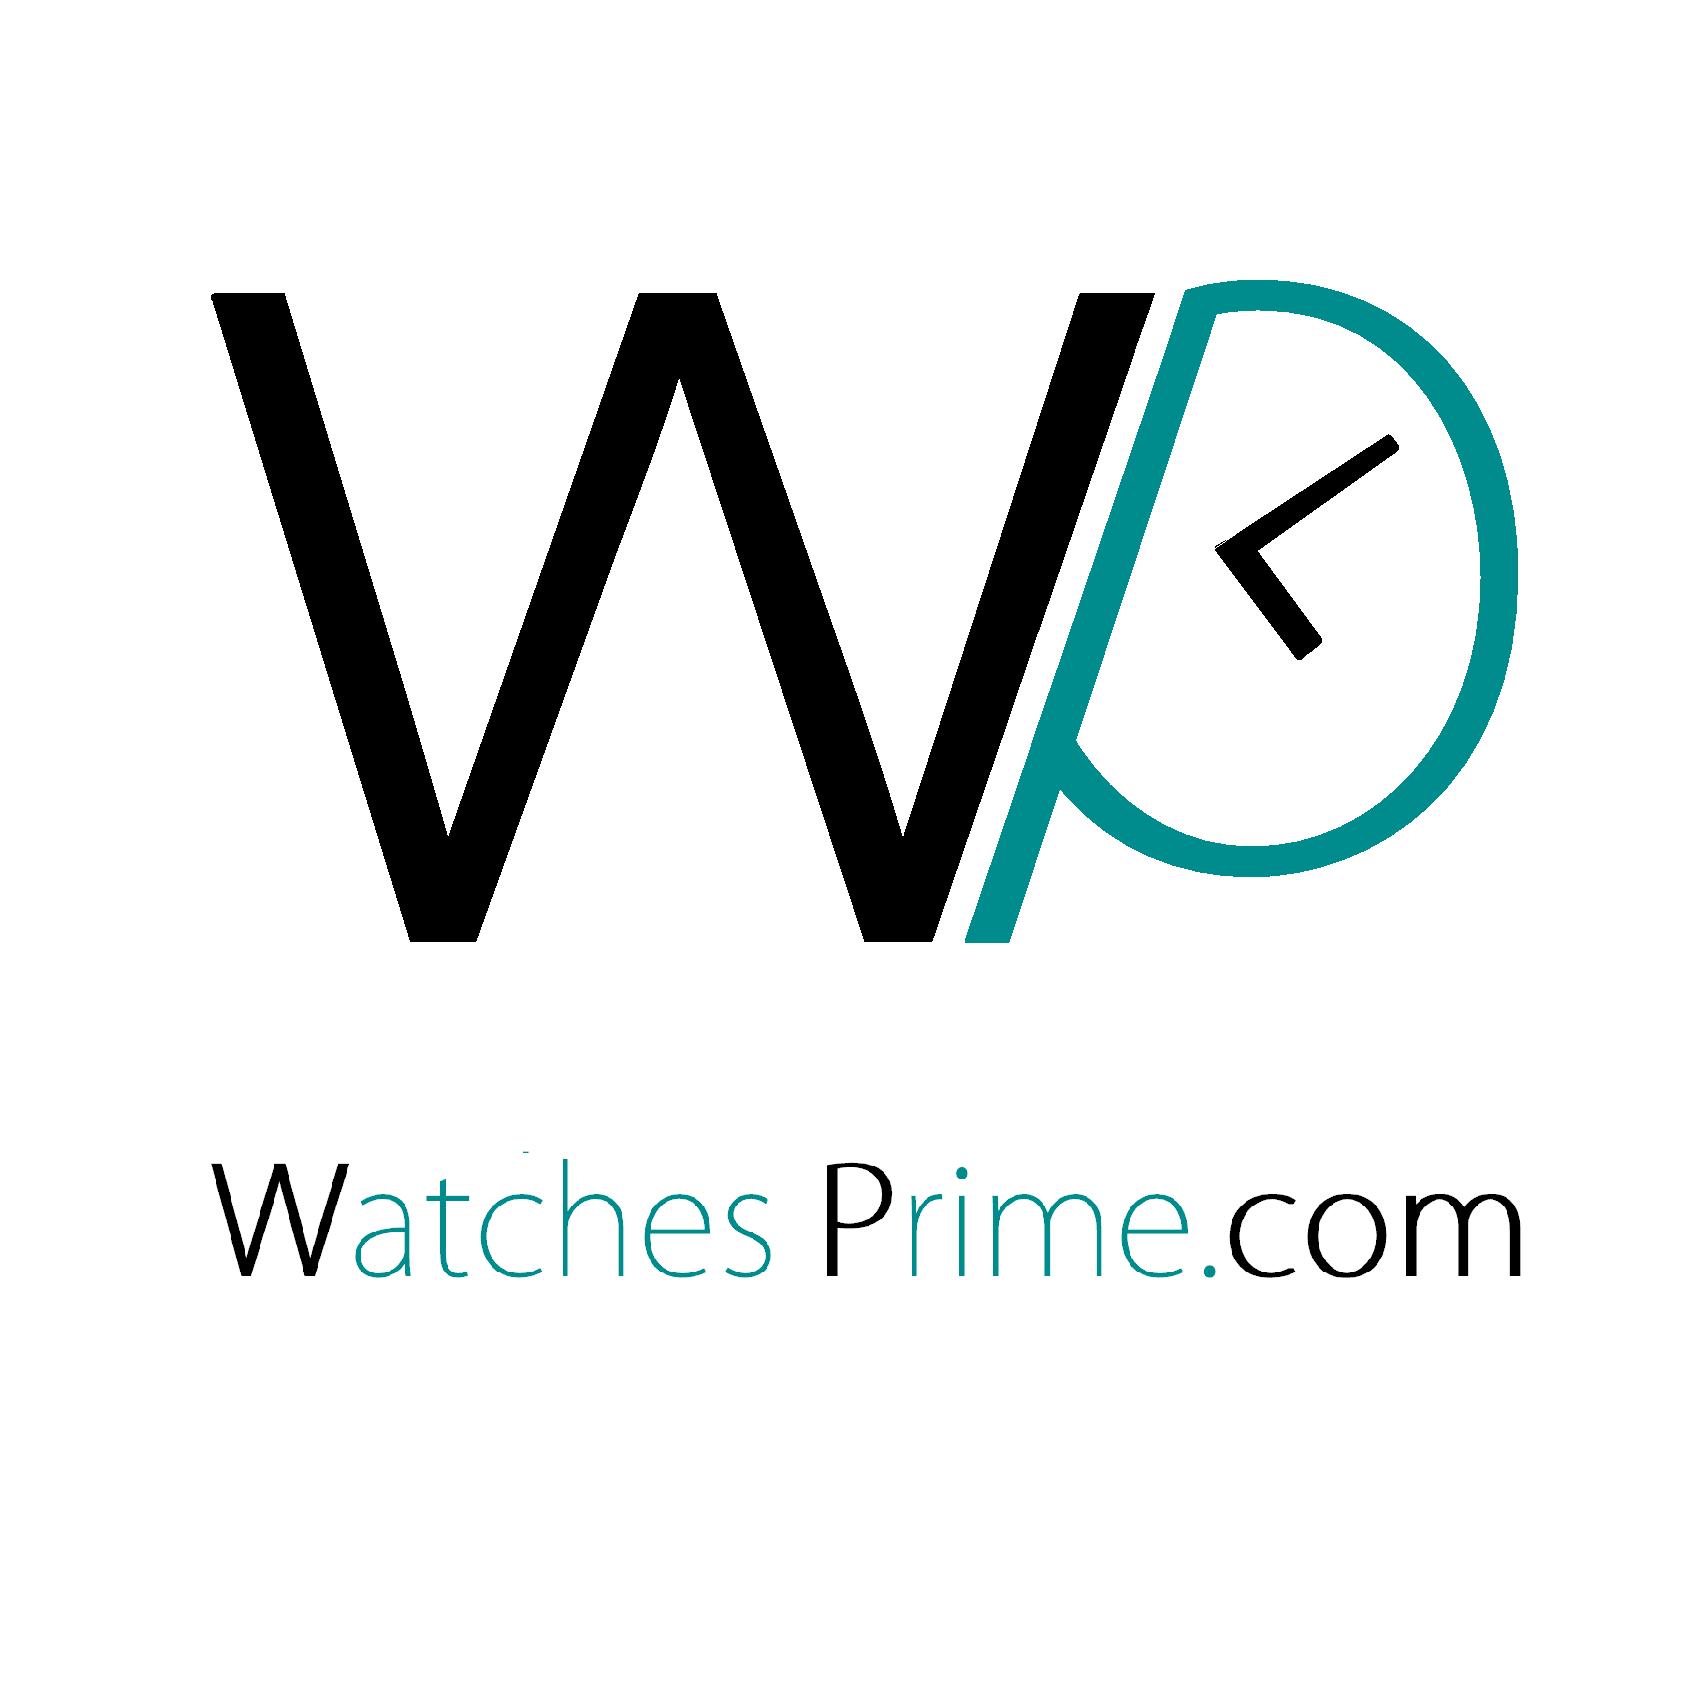 واتشز برايم Watches Prime